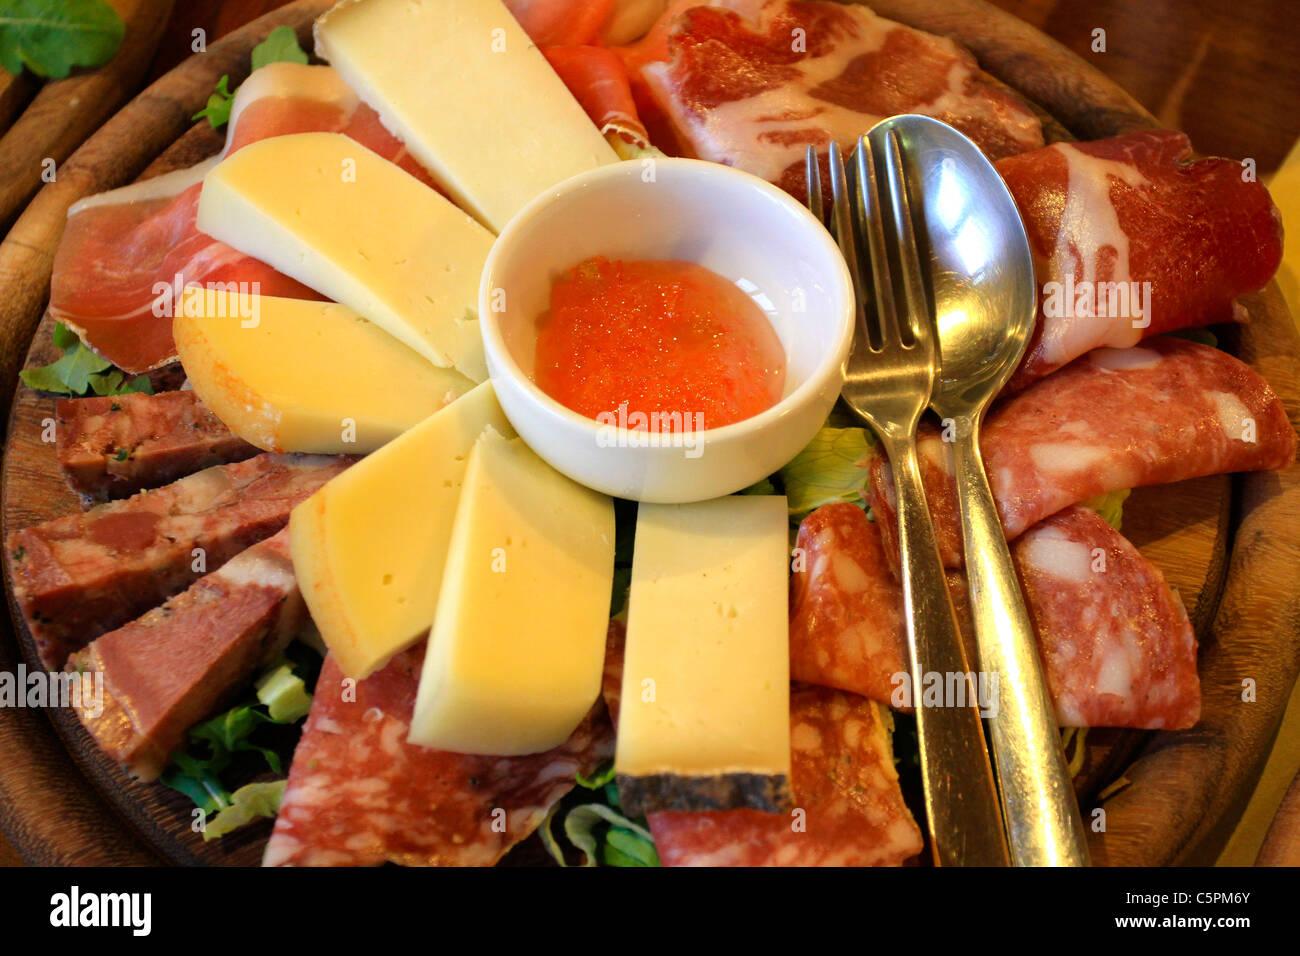 Lebensmittel, Fleisch und Käse aus der Toskana, toskanische Spezialitäten Stockbild